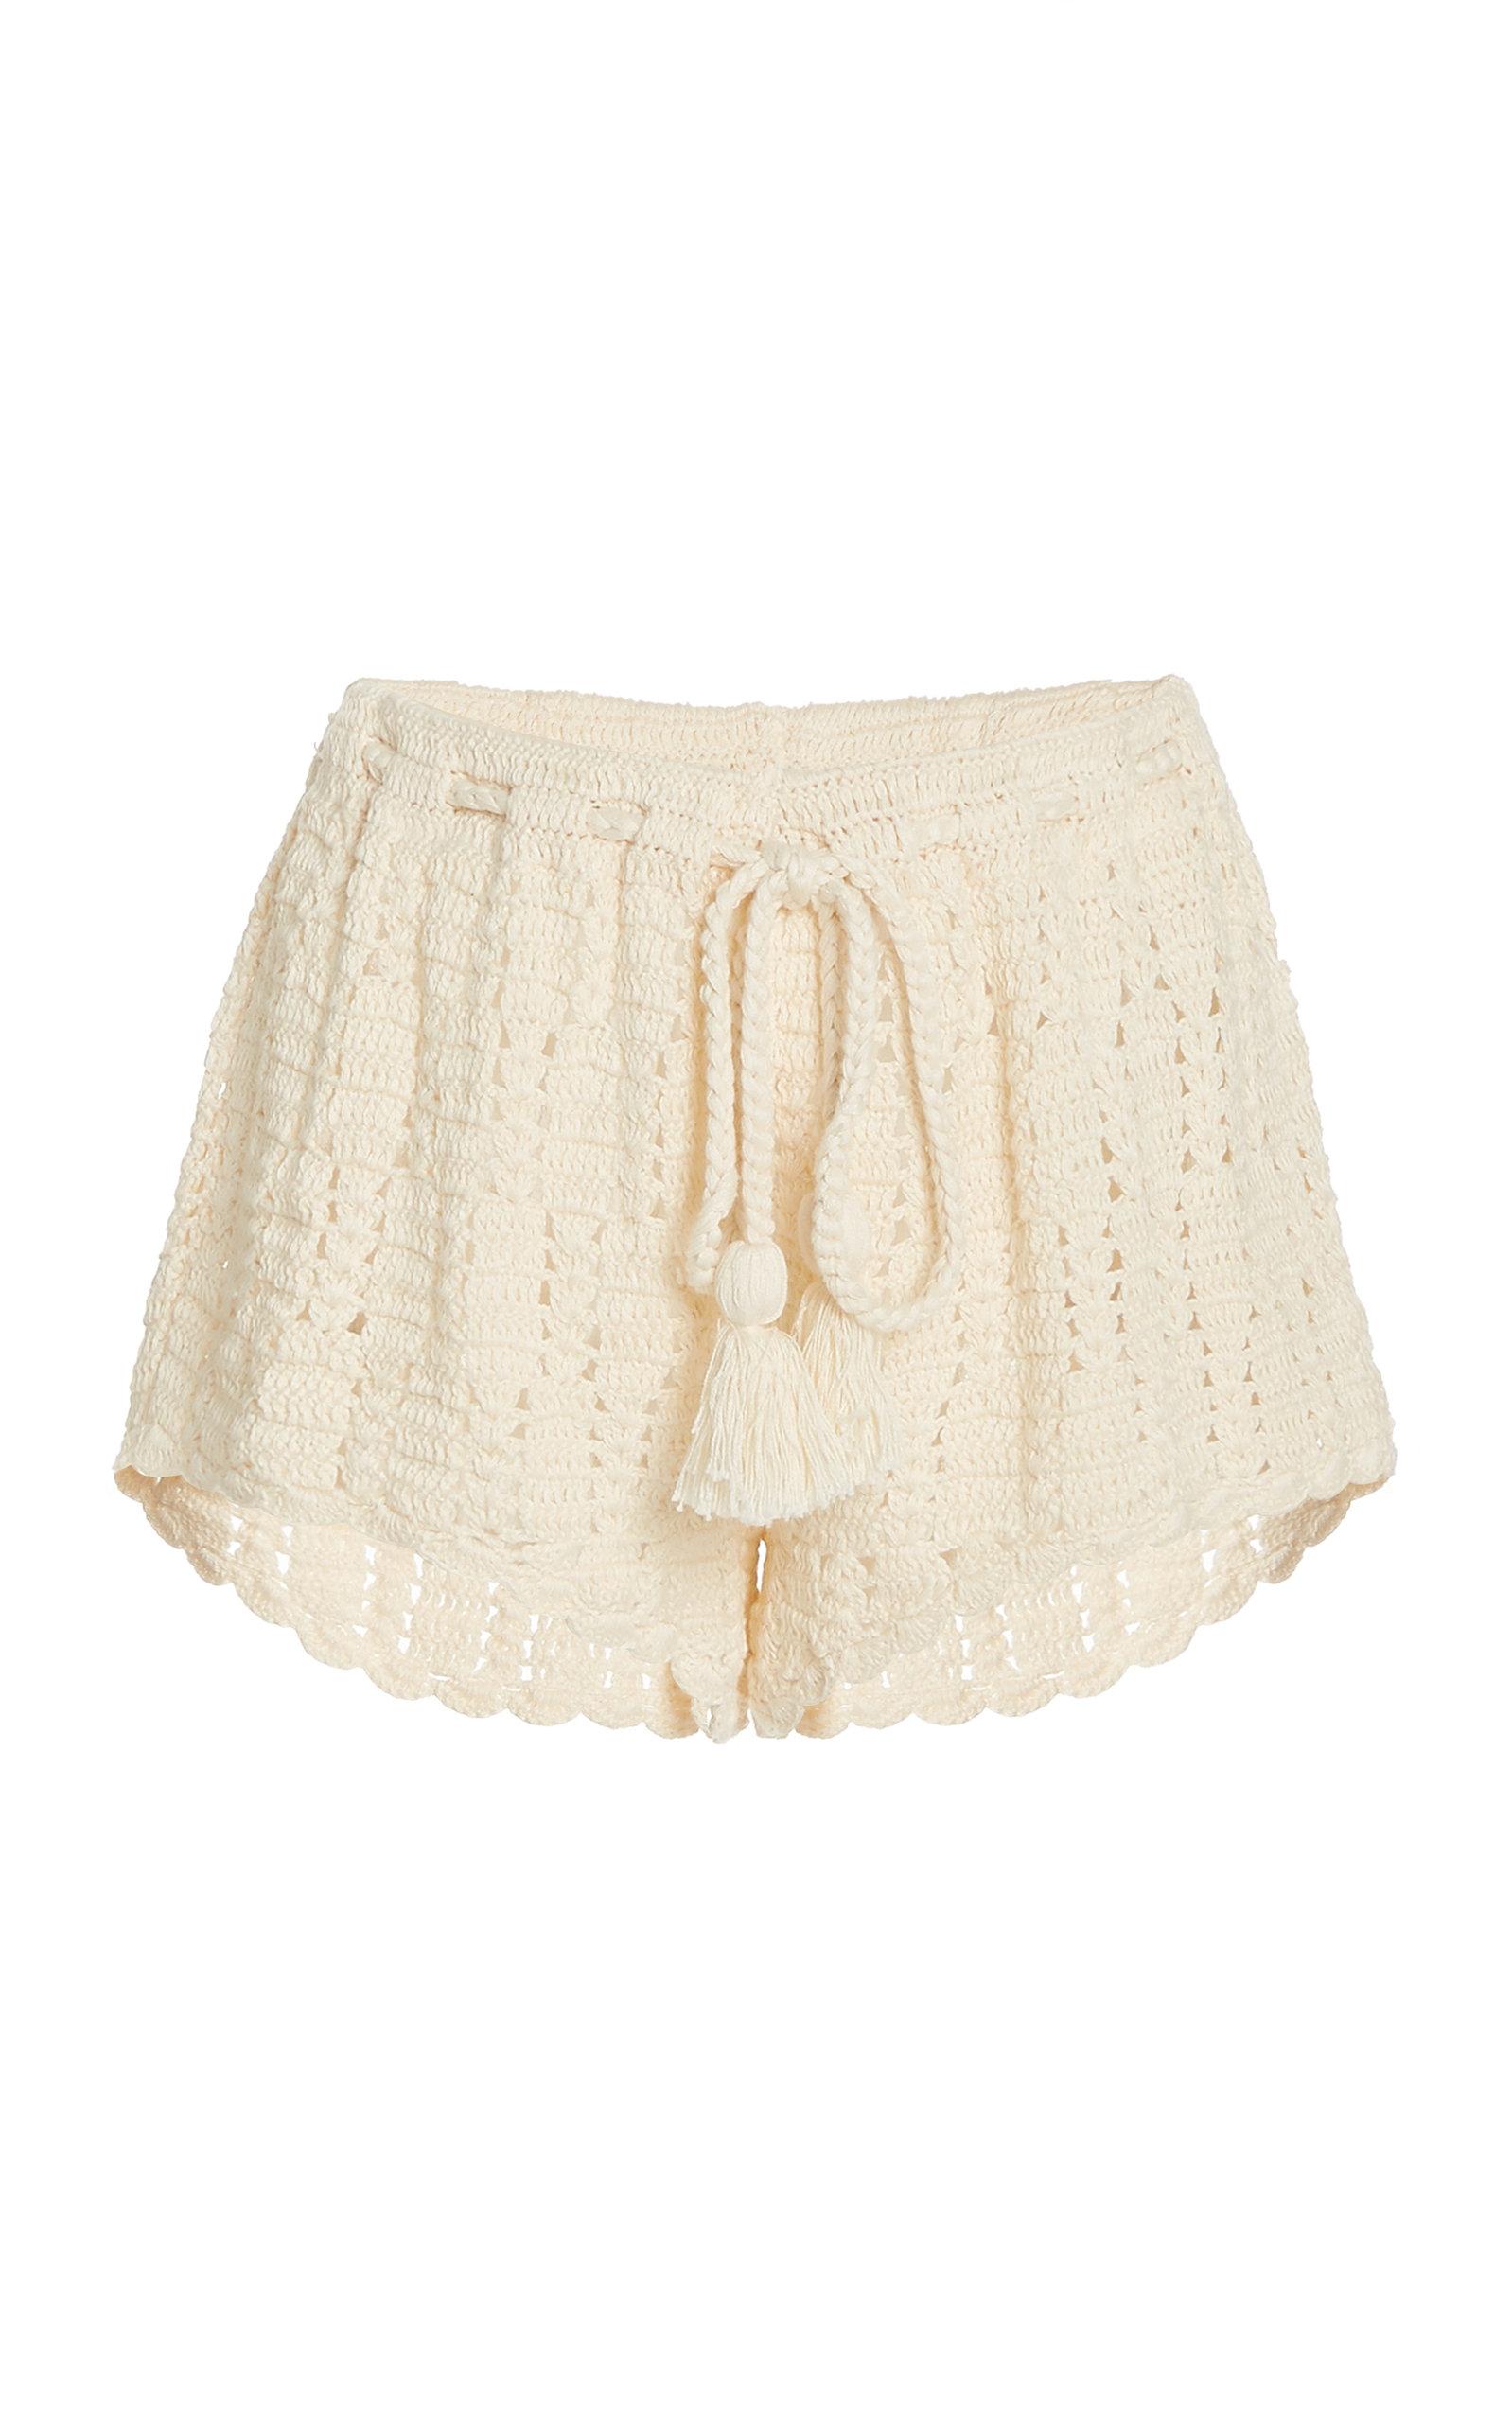 Women's Londu Shorts